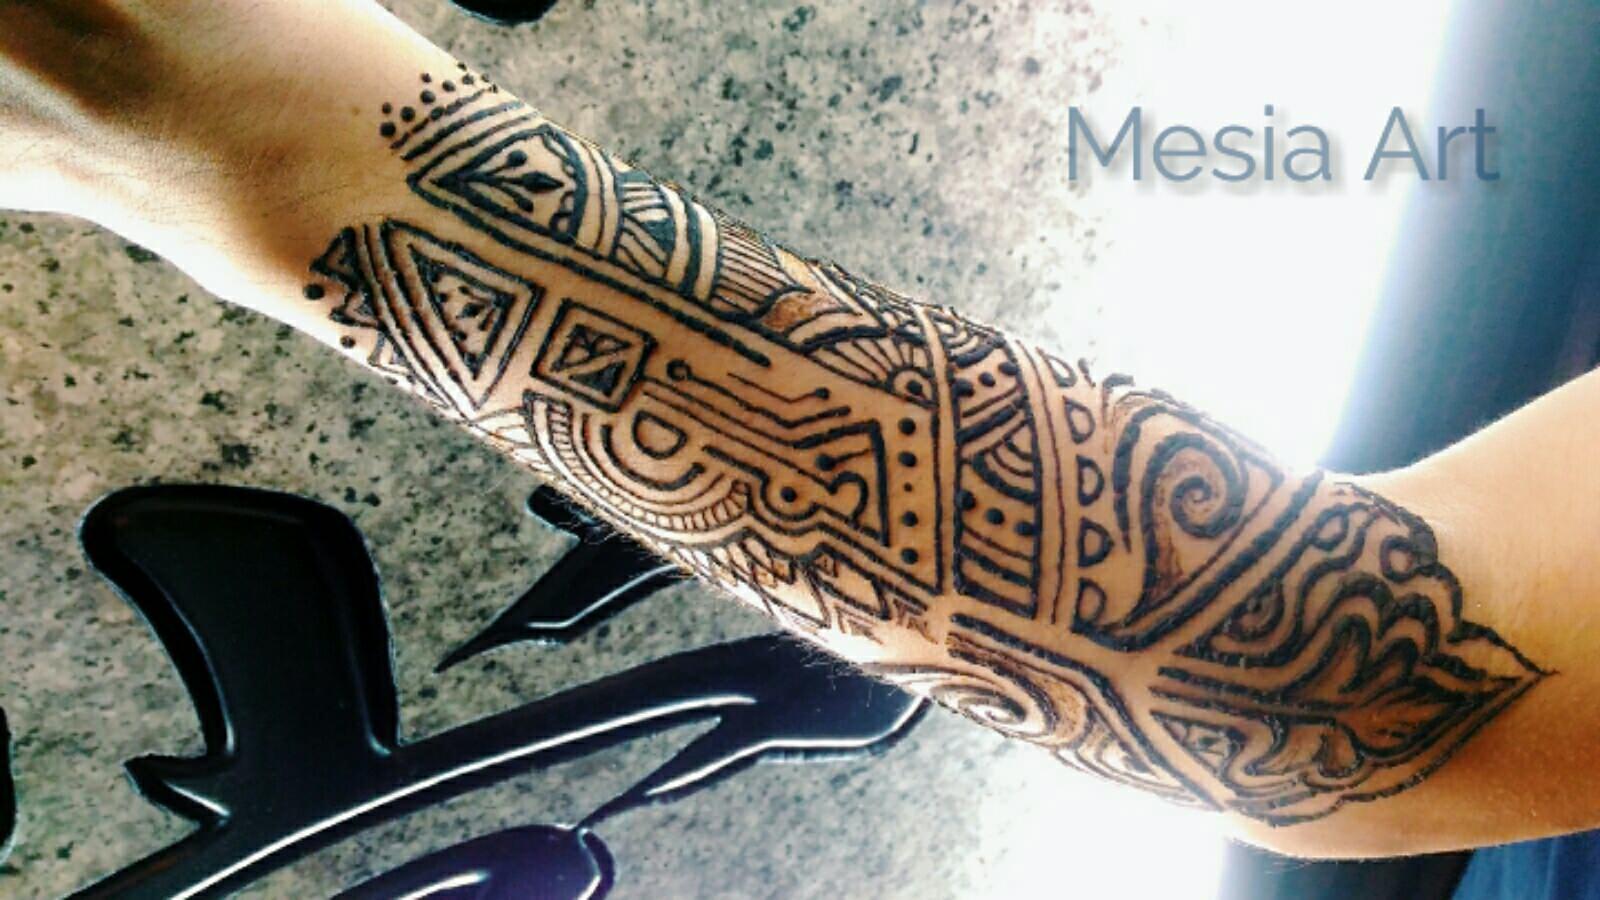 漫談 Henna 印度彩繪-含義深厚又獨特的指甲花圖騰 | YaoIndia 就是要印度